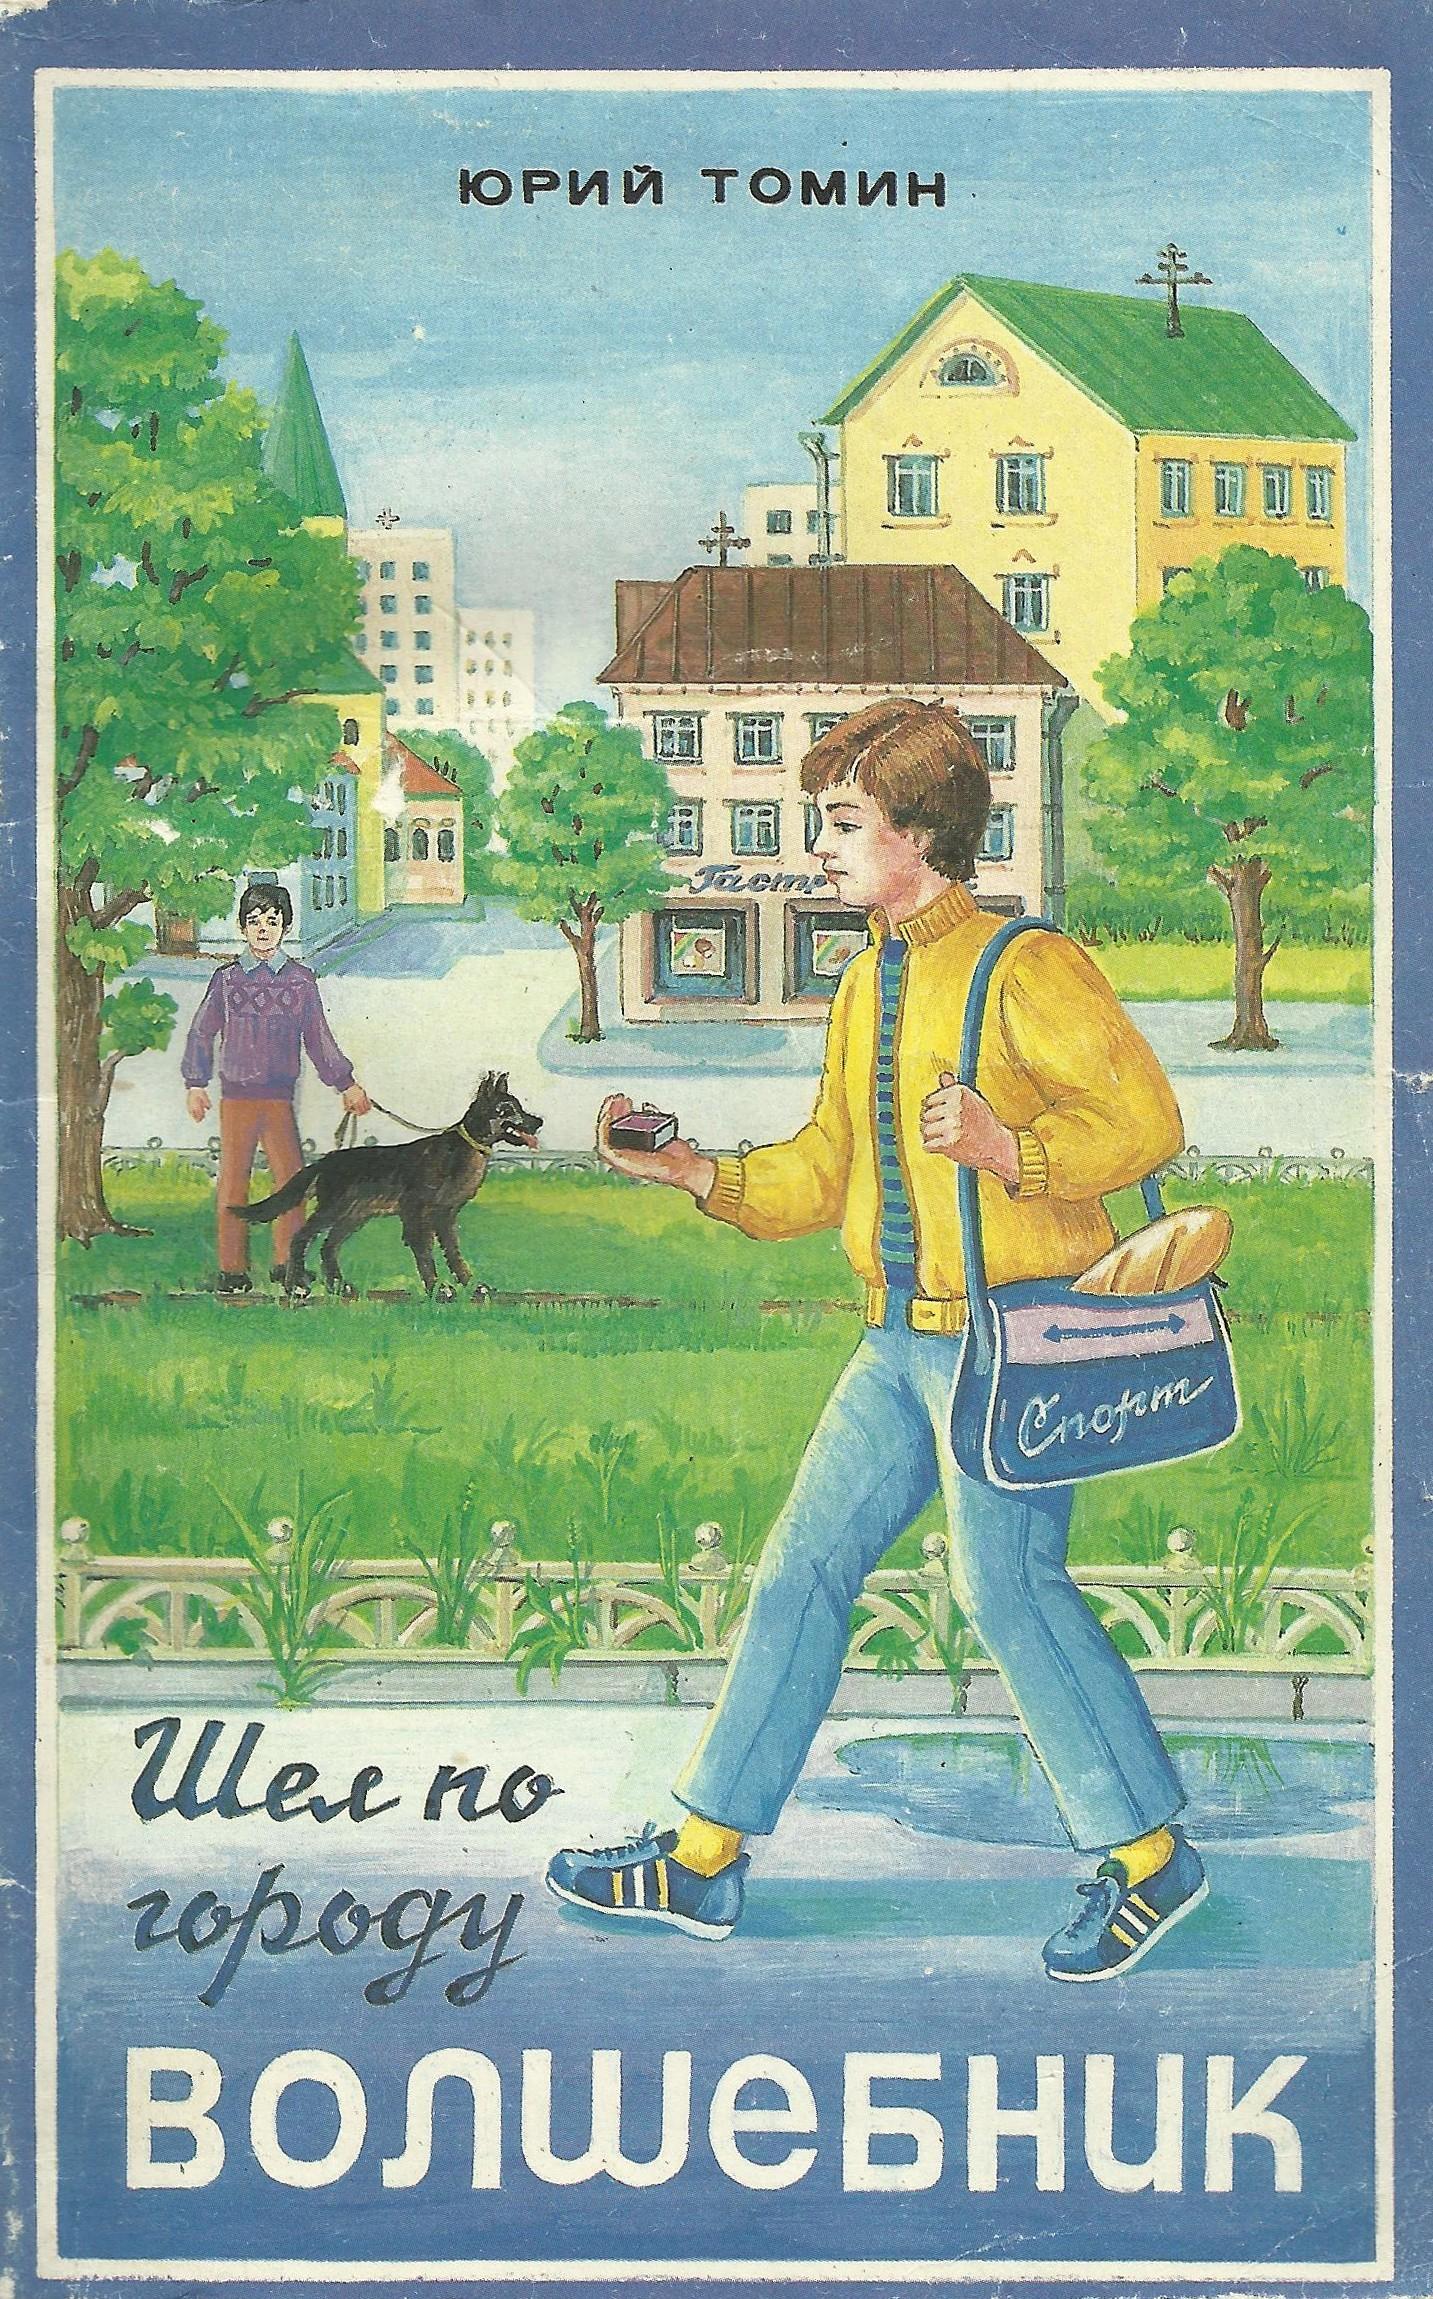 Шел по городу волшебник скачать книгу бесплатно